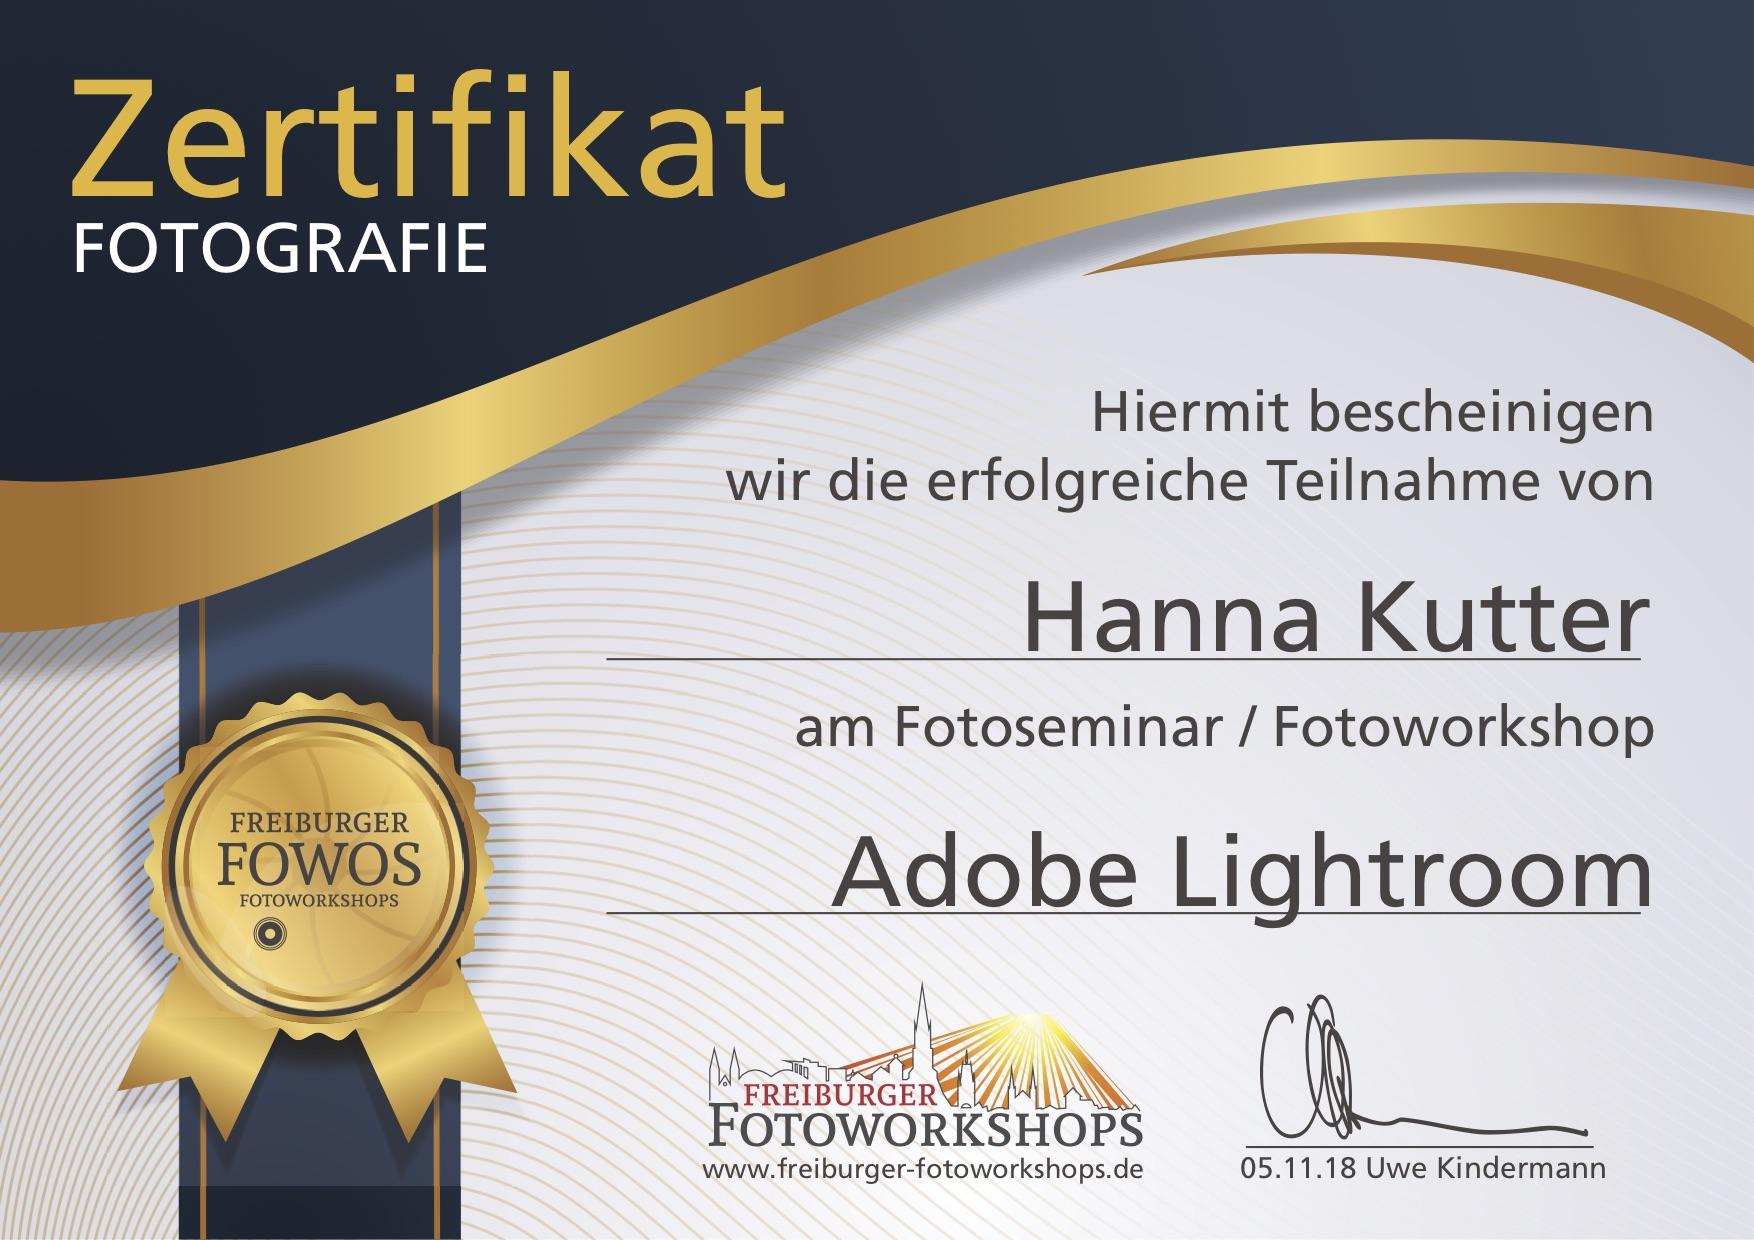 Zertifikat Lightroom